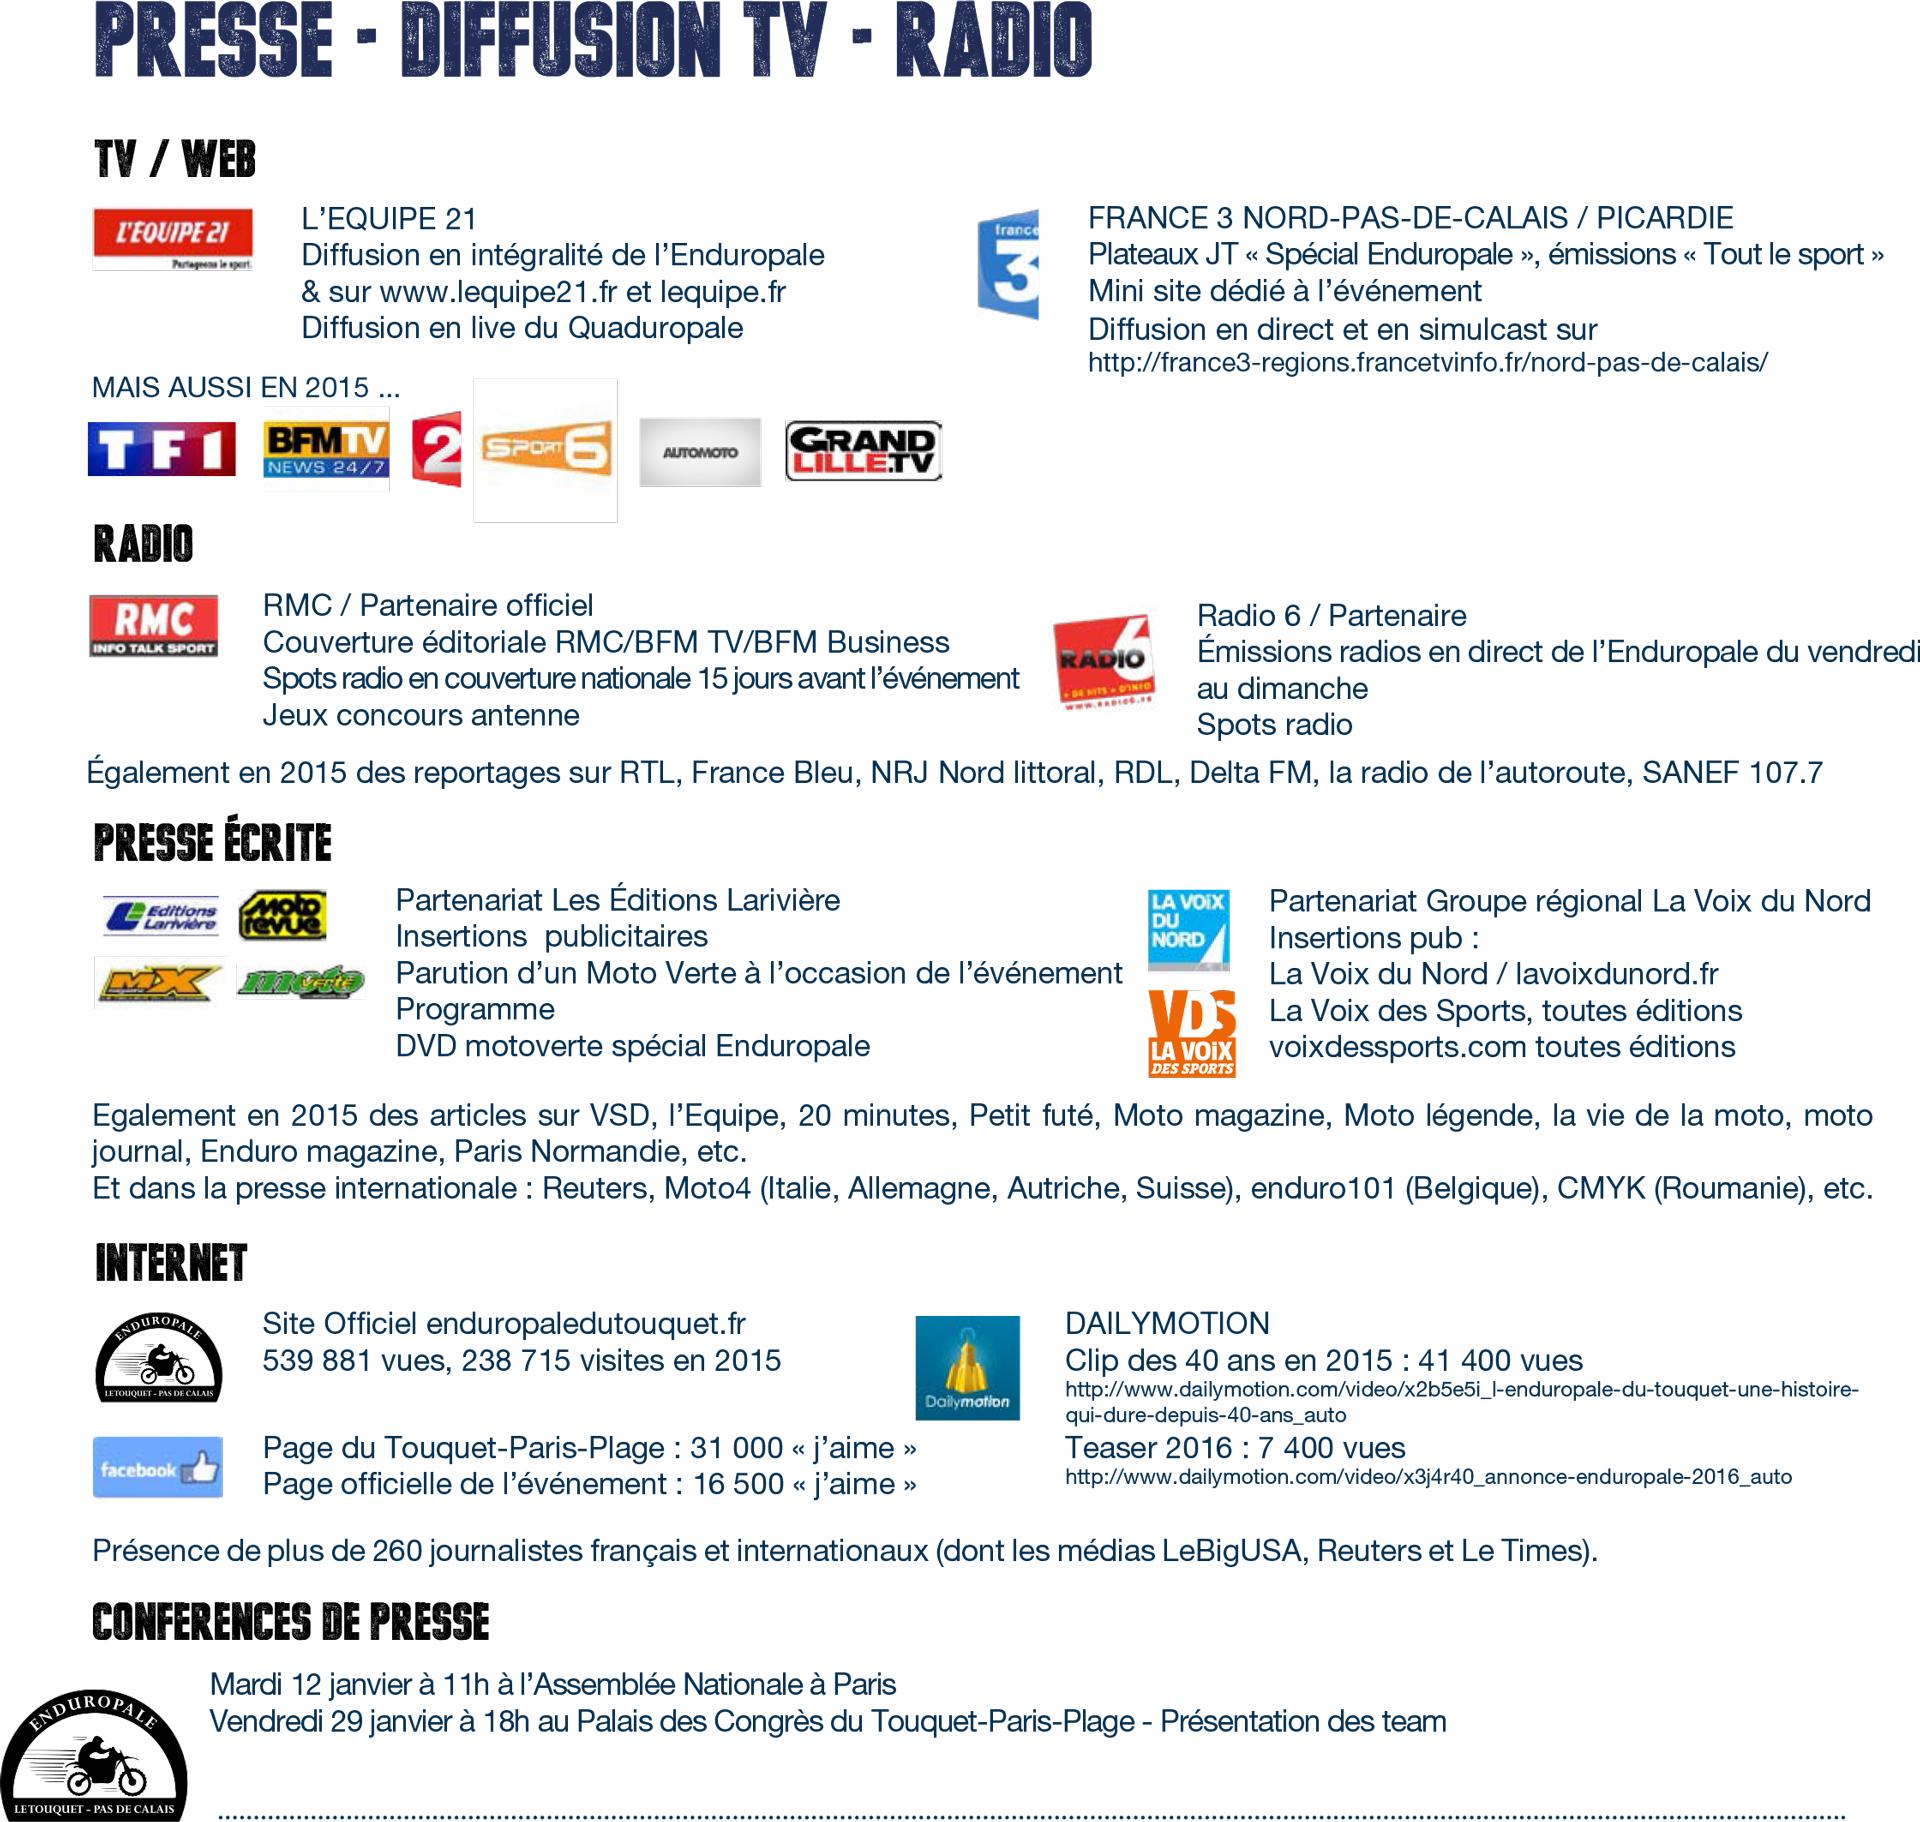 Enduropale du Touquet 2016 - Programme TV Radio Web en image